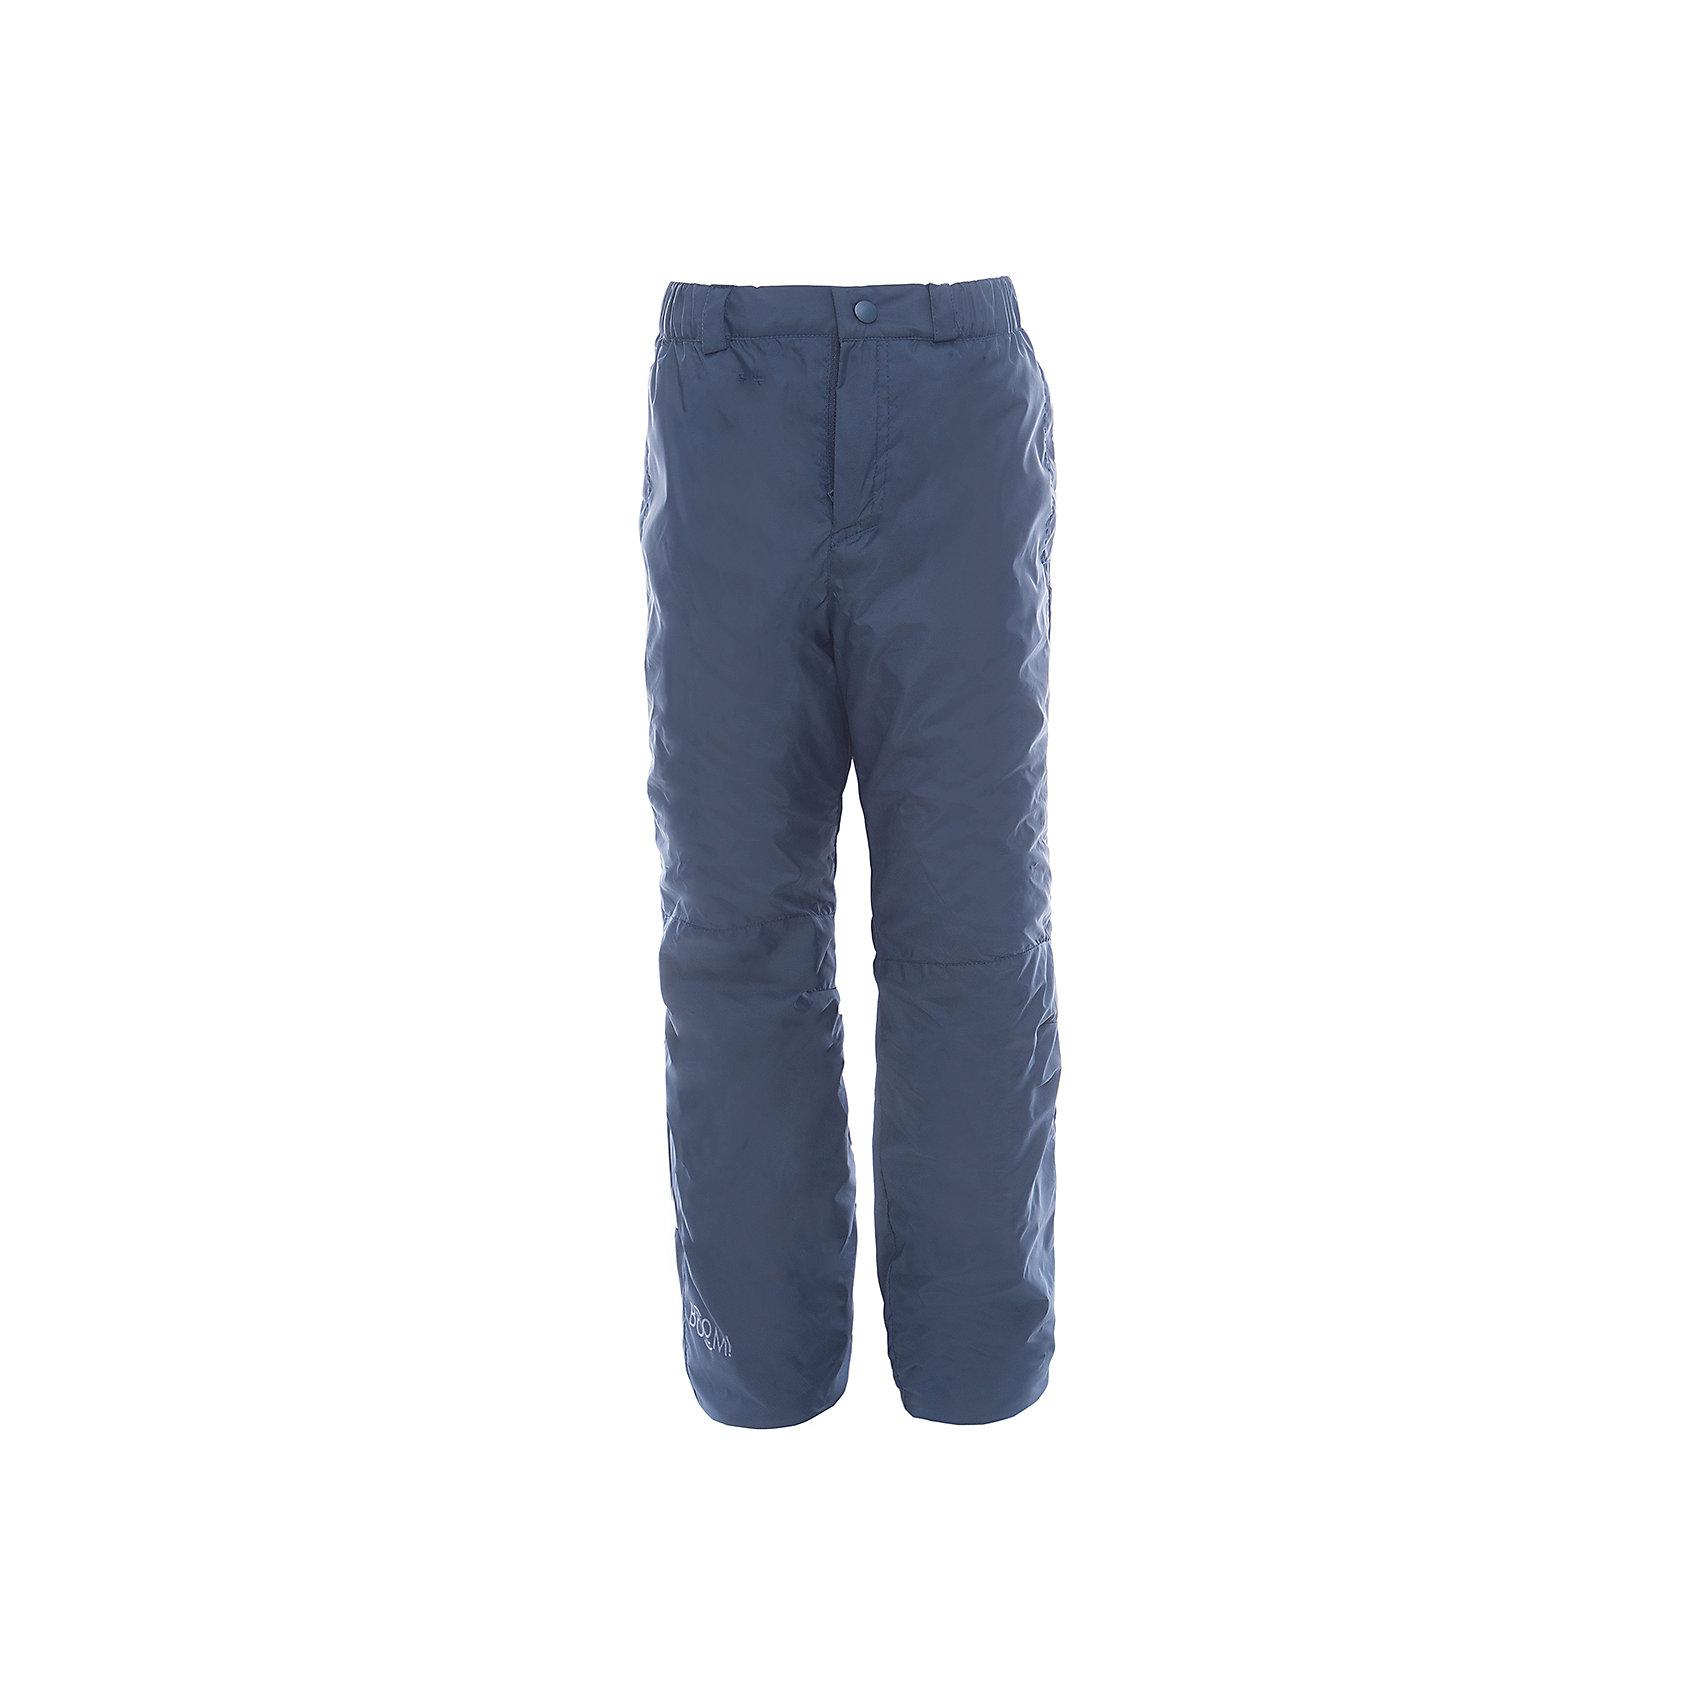 Брюки для мальчика BOOM by OrbyВерхняя одежда<br>Характеристики товара:<br><br>• цвет: синий<br>• состав: верх - таффета, подкладка - флис, без утеплителя<br>• температурный режим: от +5° до +15°С<br>• до 122 роста комплектуются съемными эластичными бретелями.<br>• с 128 роста есть регулировка по полноте и ширинка.<br>• небольшой логотип<br>• комфортная посадка<br>• страна производства: Российская Федерация<br>• страна бренда: Российская Федерация<br>• коллекция: весна-лето 2017<br><br>Такие брюки - универсальный вариант для межсезонья с постоянно меняющейся погодой. Эта модель - модная и удобная одновременно! Изделие отличается стильным продуманным дизайном. Брюки хорошо сидят по фигуре, отлично сочетаются с различным верхом. Вещь была разработана специально для детей.<br><br>Брюки для мальчика от бренда BOOM by Orby можно купить в нашем интернет-магазине.<br><br>Ширина мм: 215<br>Глубина мм: 88<br>Высота мм: 191<br>Вес г: 336<br>Цвет: синий<br>Возраст от месяцев: 36<br>Возраст до месяцев: 48<br>Пол: Мужской<br>Возраст: Детский<br>Размер: 104,158,110,92,98,116,122,128,134,140,146,152<br>SKU: 5343932